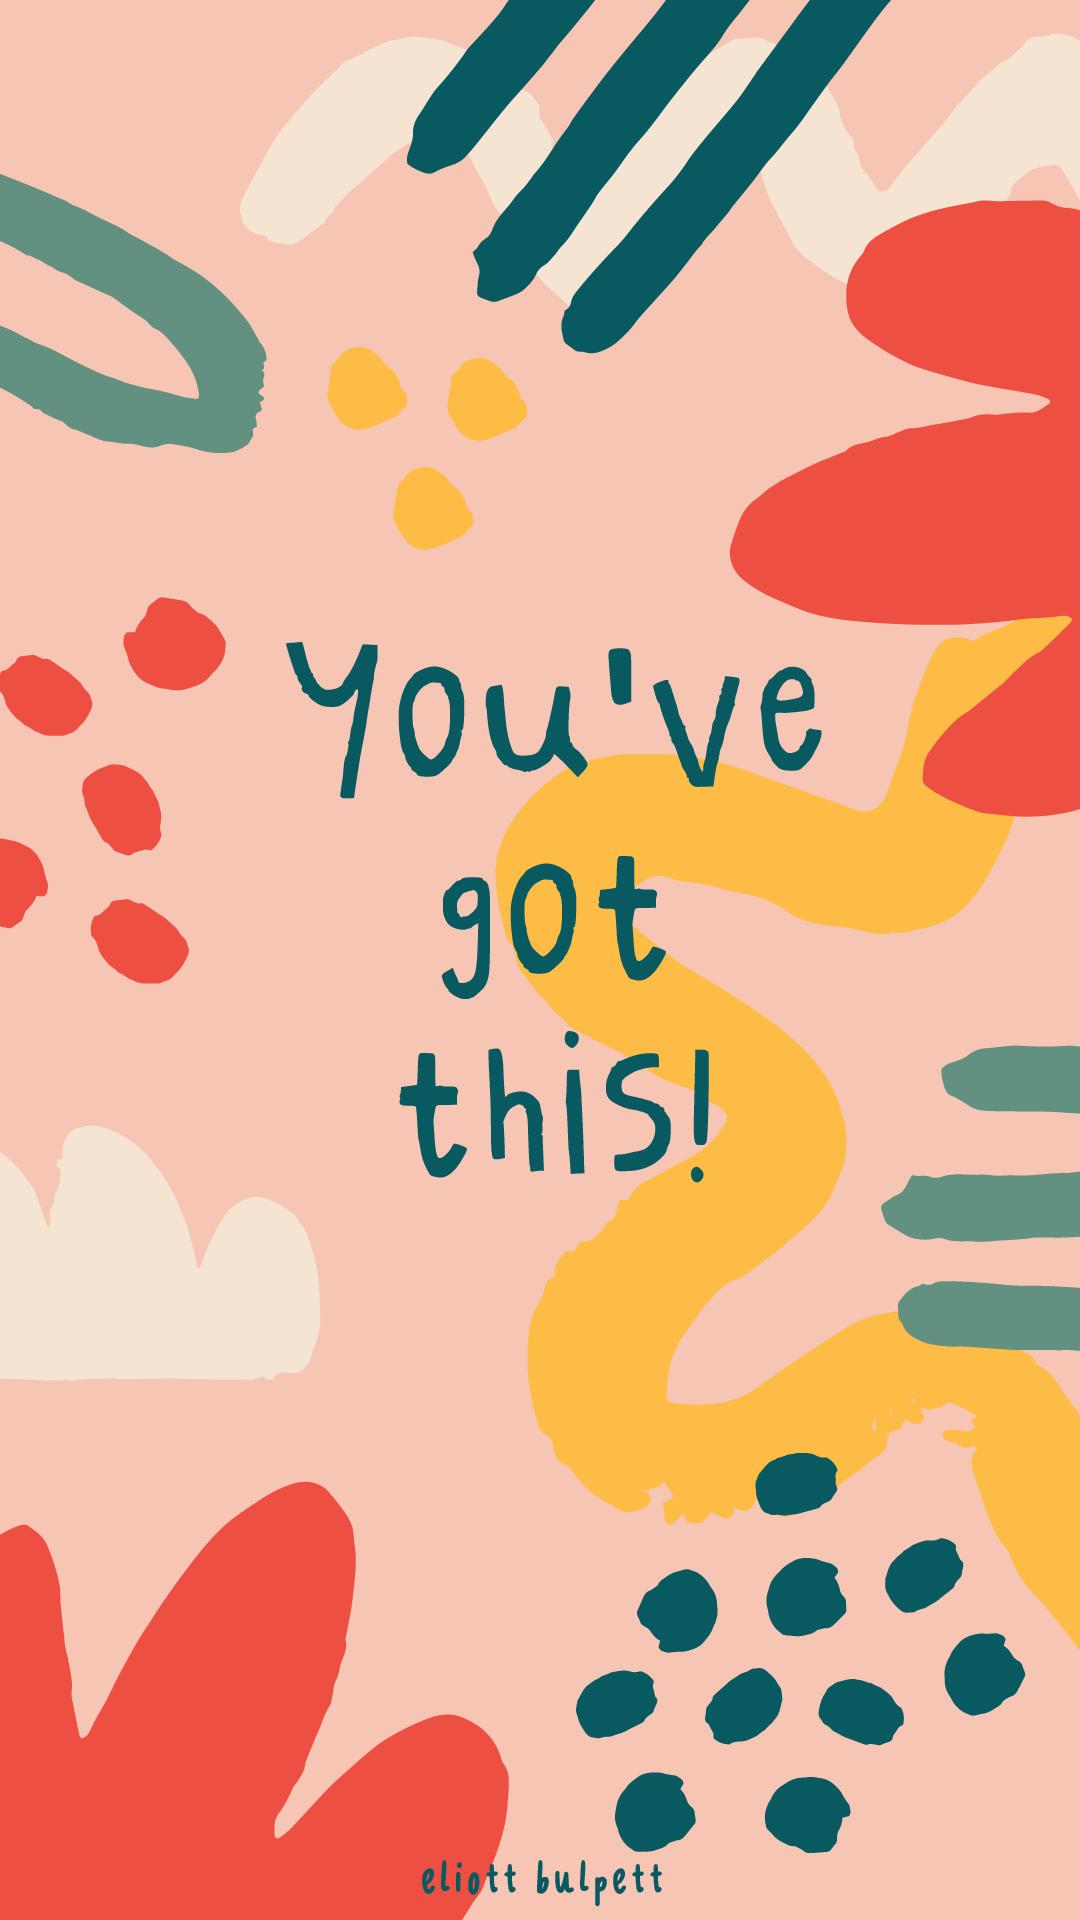 Positivity Wallpapers for your phone Eliott Bulpett 1080x1920